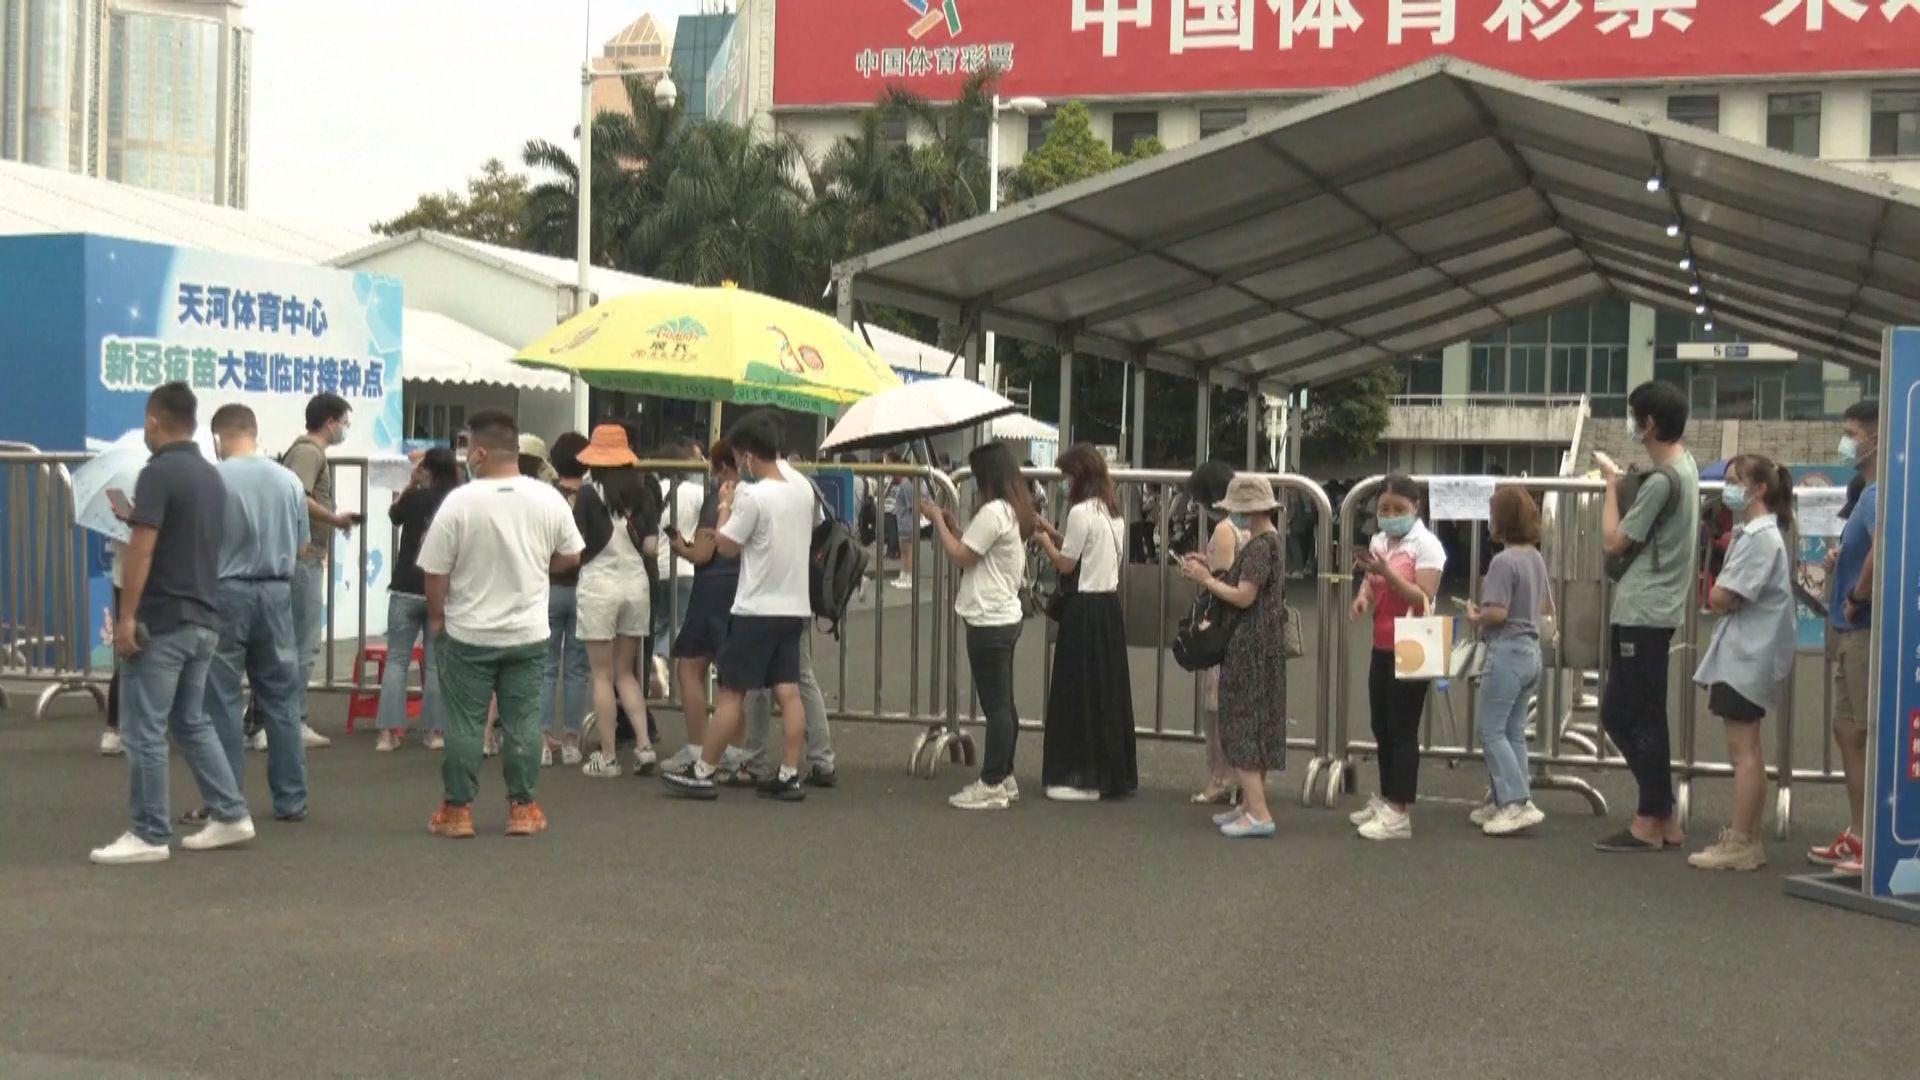 廣州本土確診病例增至七人 鶴園小區「封區」檢測